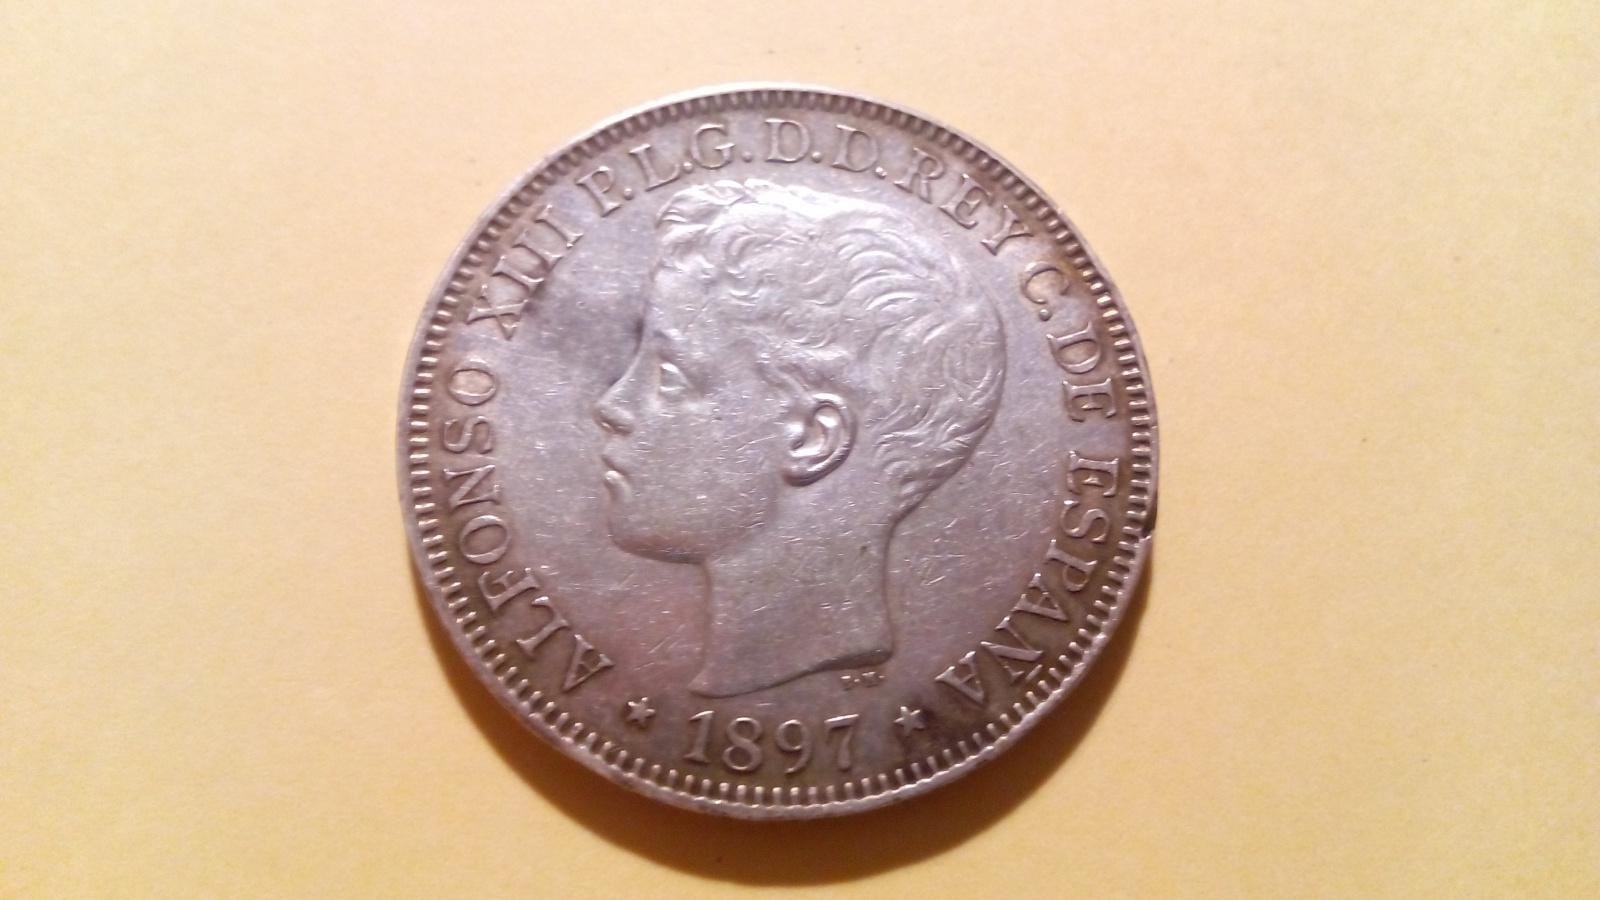 1 peso Filipinas 1897 2vl7e5w